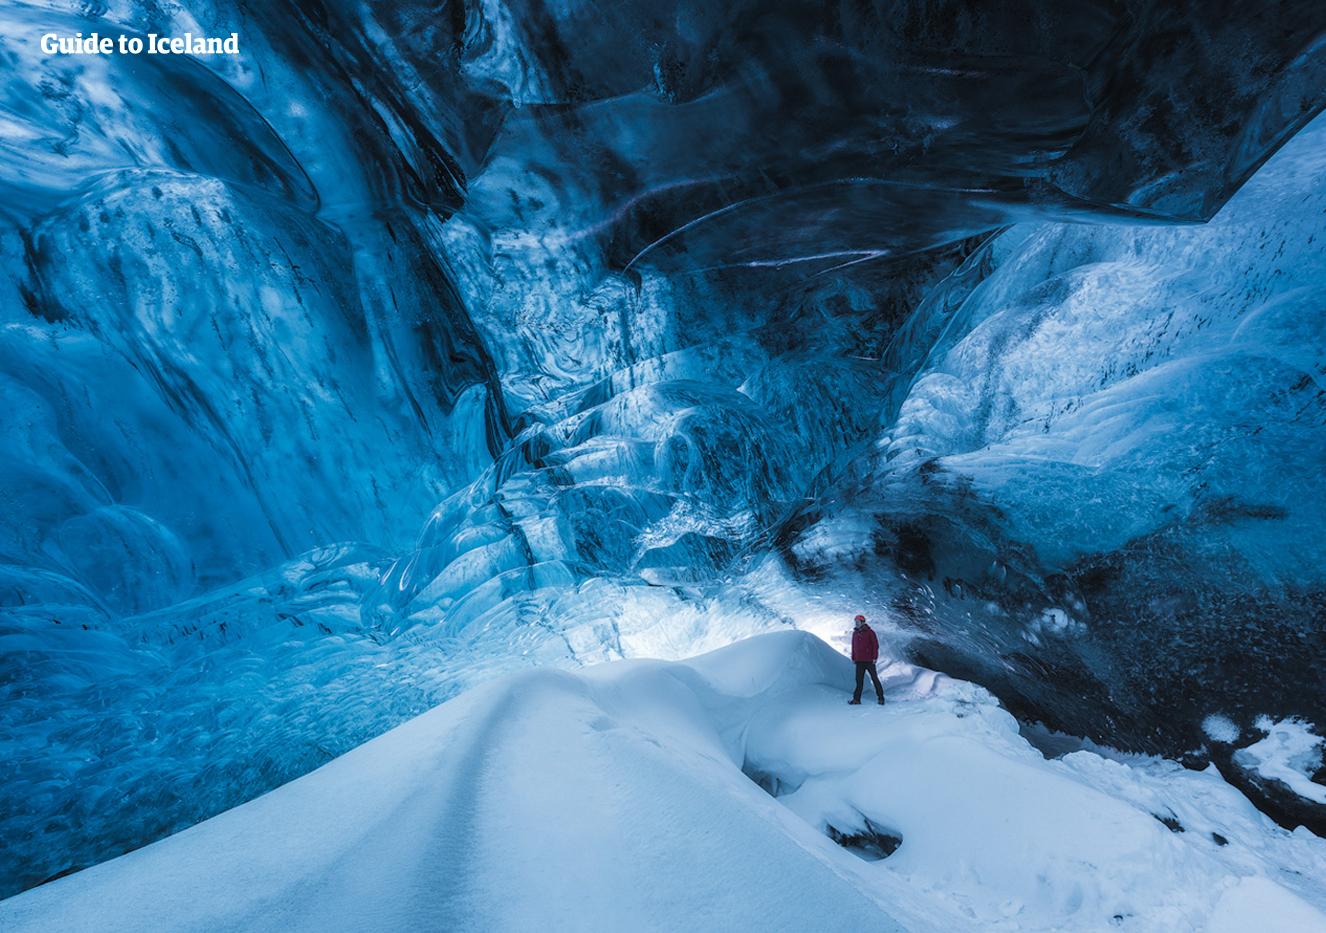 Isgrotterne under Vatnajökull-gletsjeren er så smukke, at de nærmere hører hjemme i en fantasyroman end i virkelighedens verden.